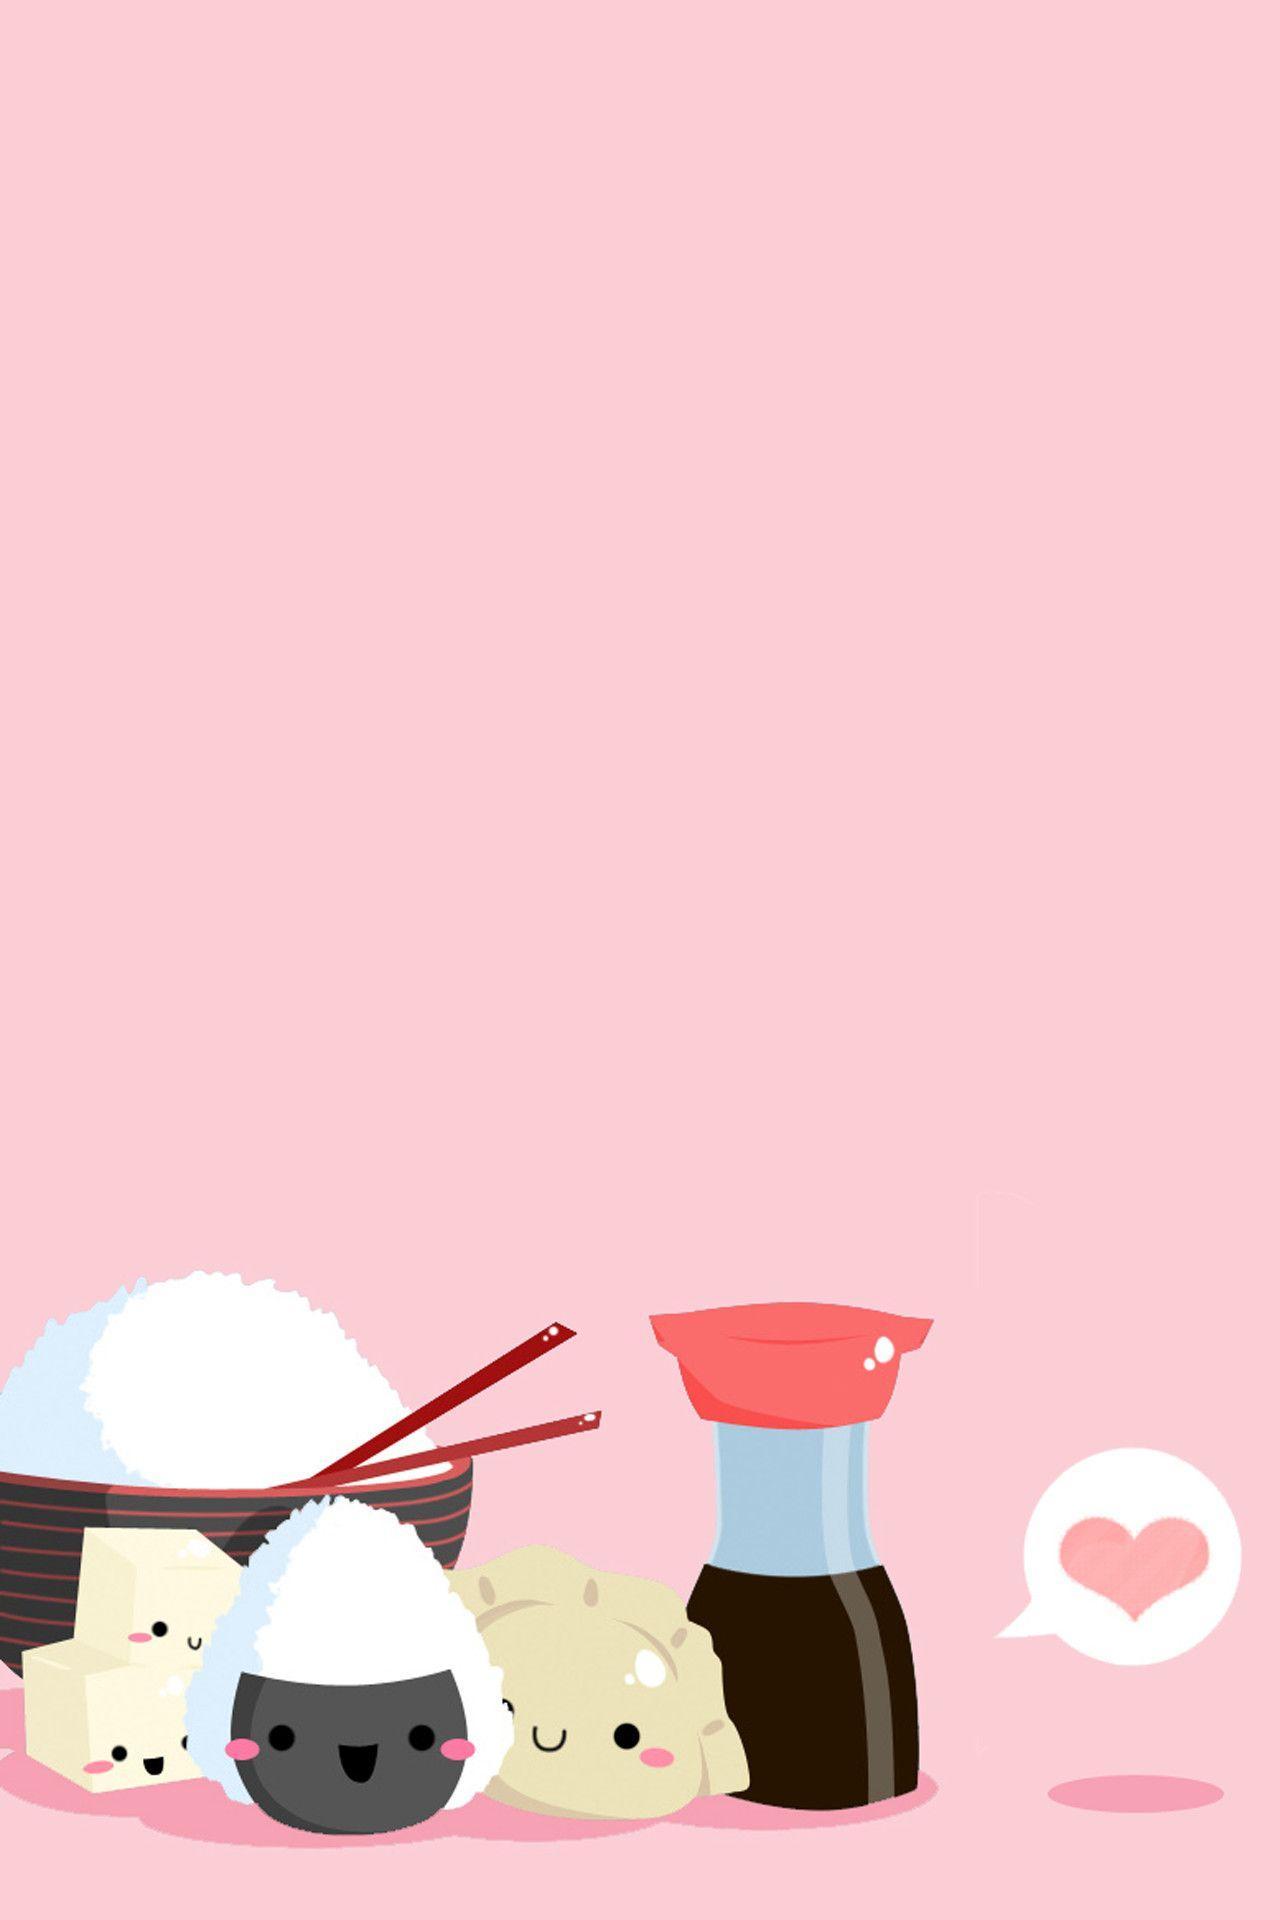 Cute Food Iphone Wallpapers Top Free Cute Food Iphone